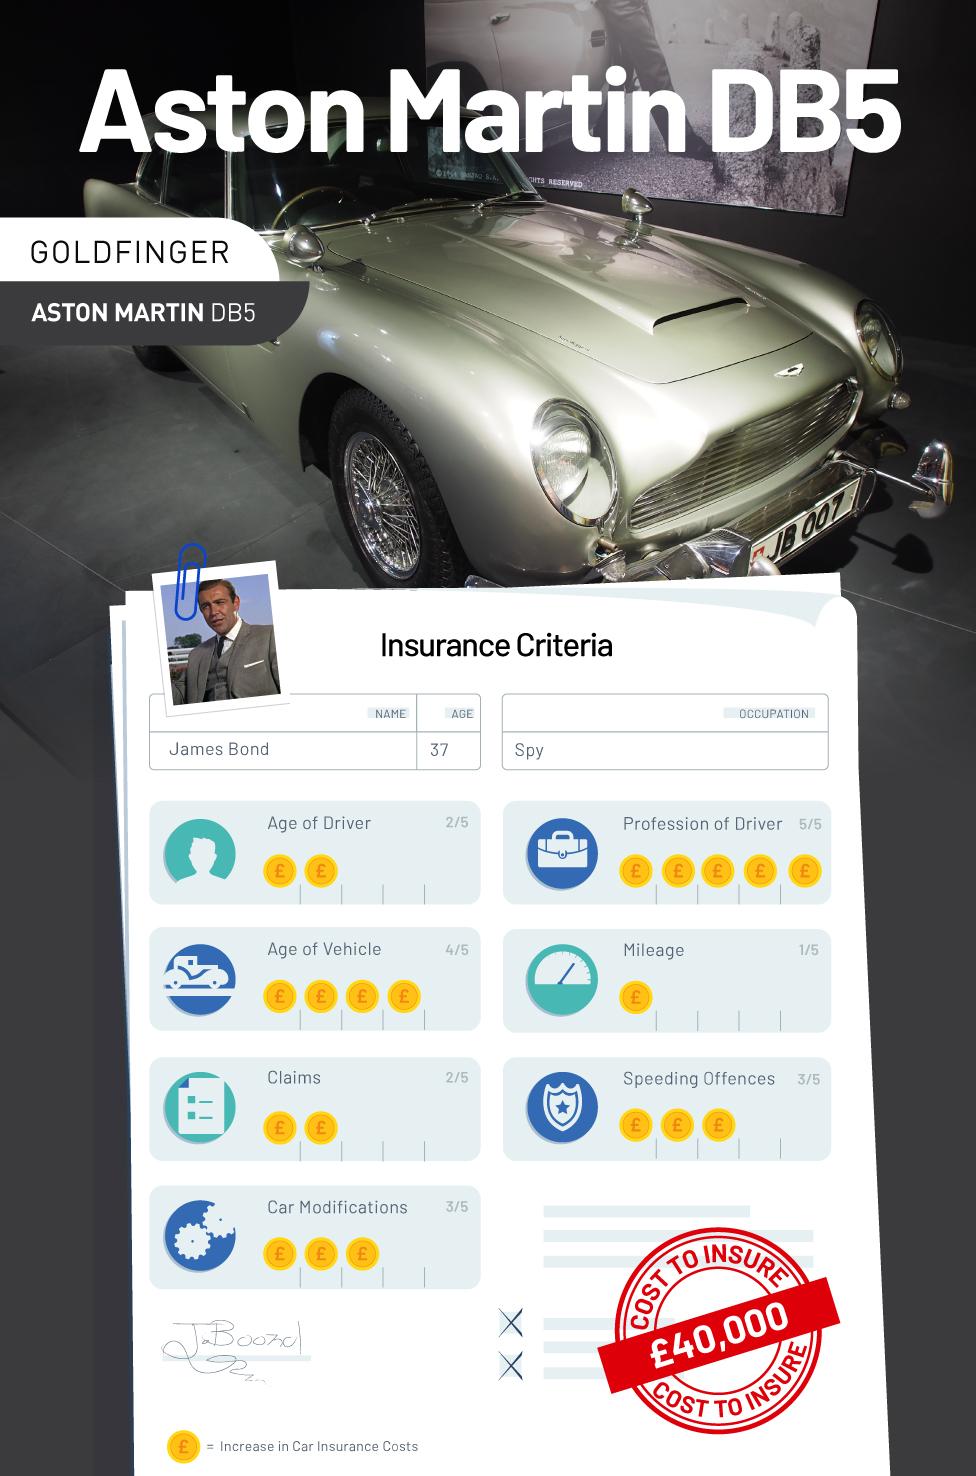 Aston Martin DB5.jpg